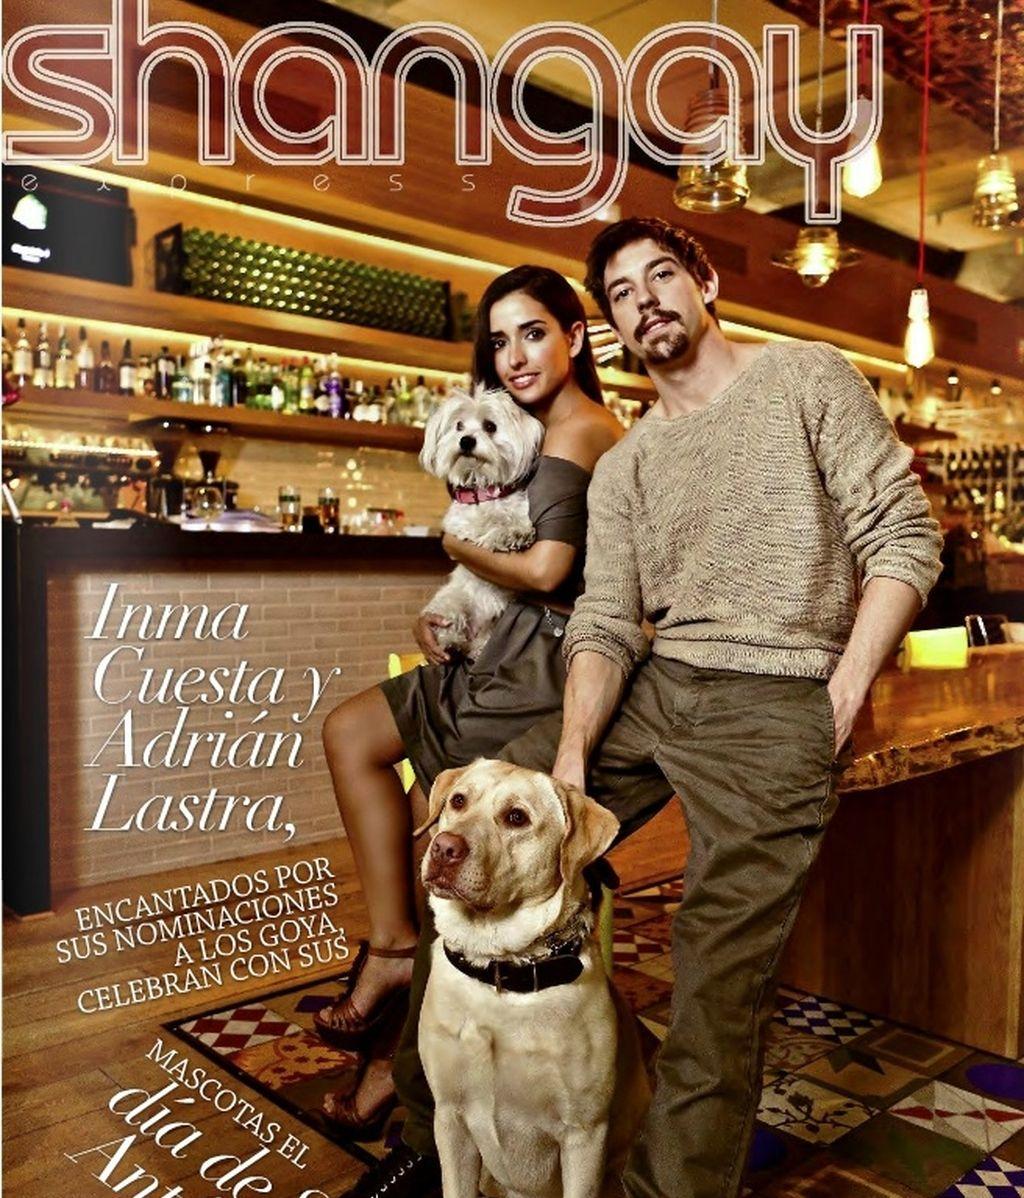 Portada de la revista Shangay